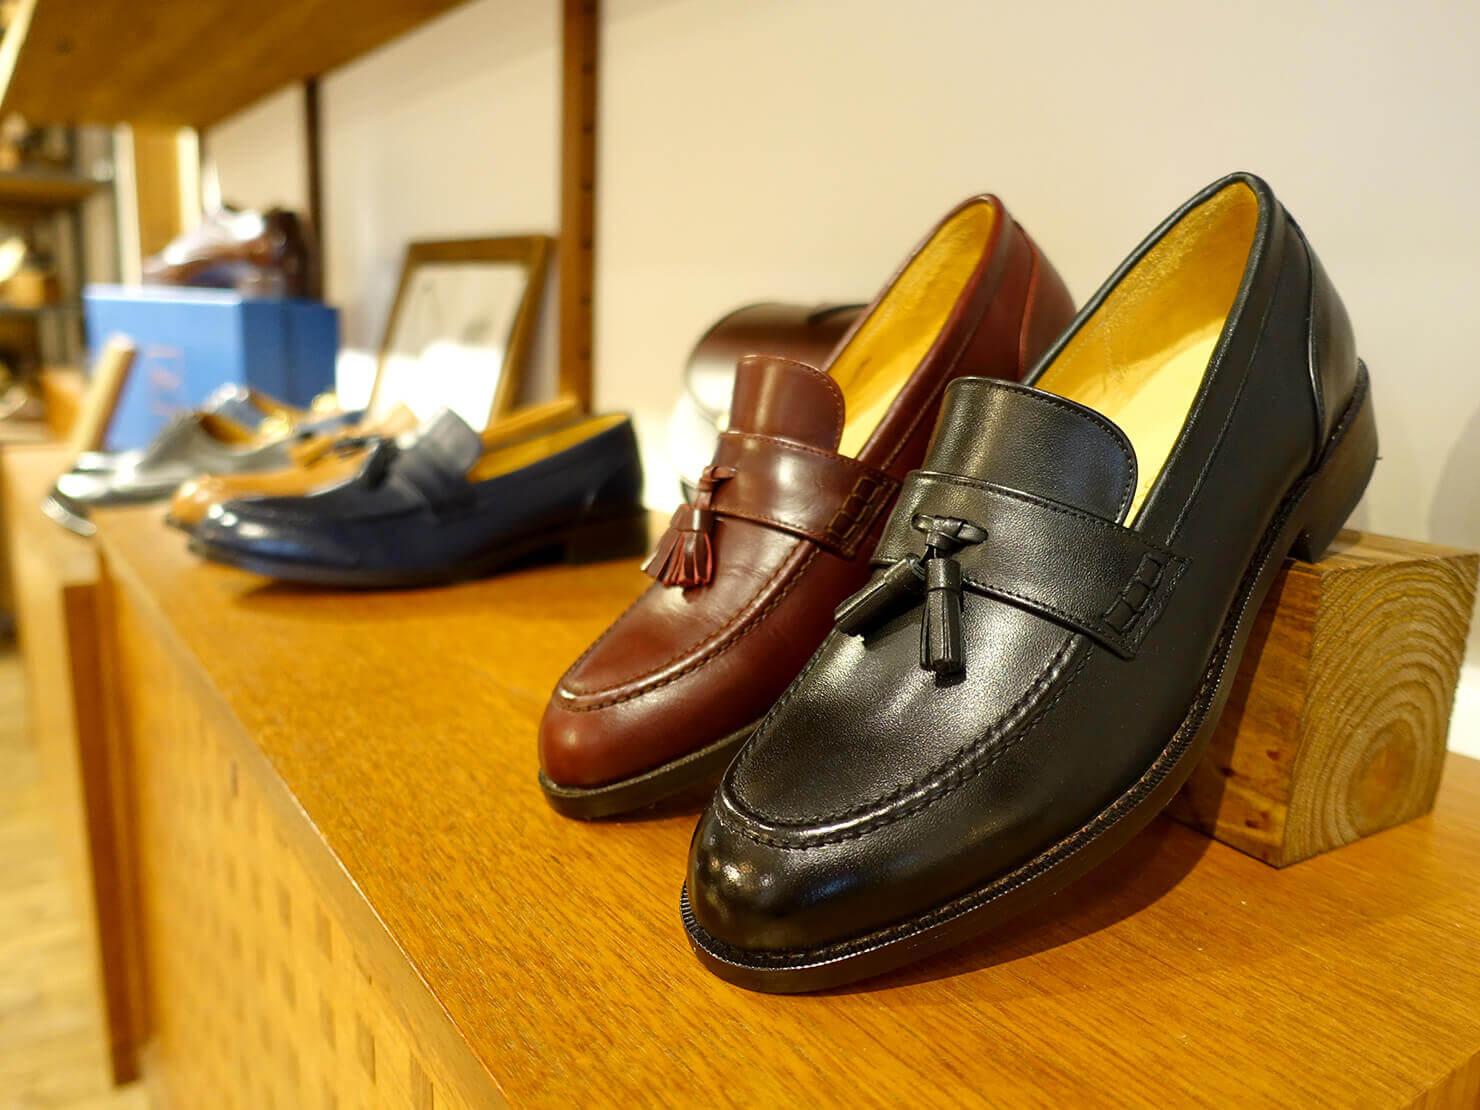 台湾のおすすめ革靴ブランド「林果良品 ORINGO」台北東門店に並ぶレディースの樂福鞋(ローファー)